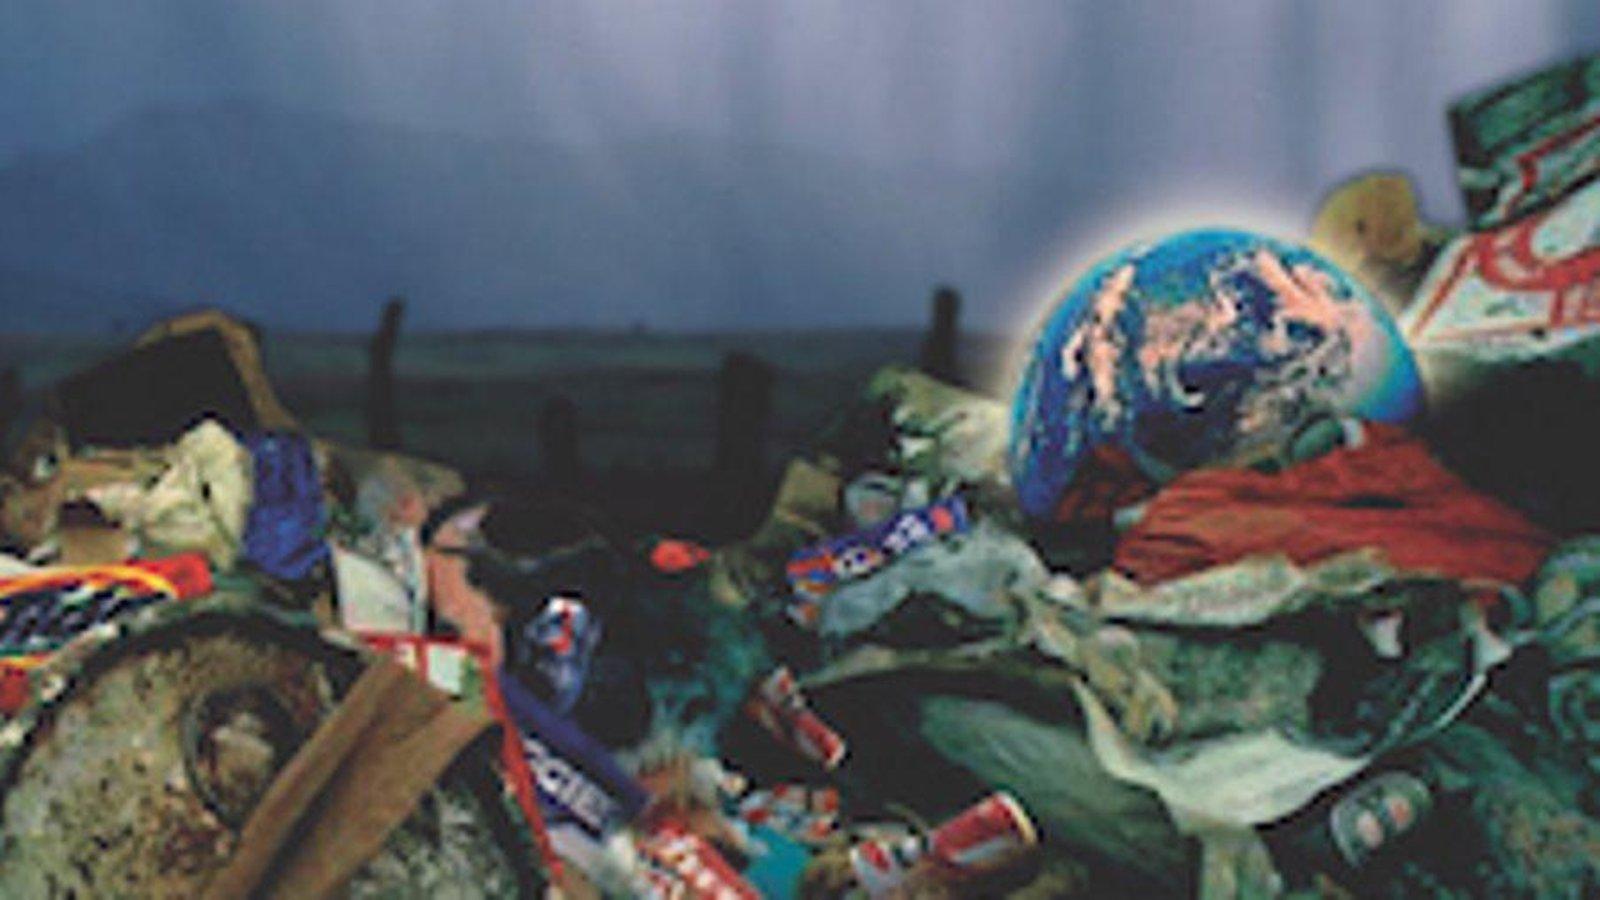 MEF Debt & Consumerism Collection